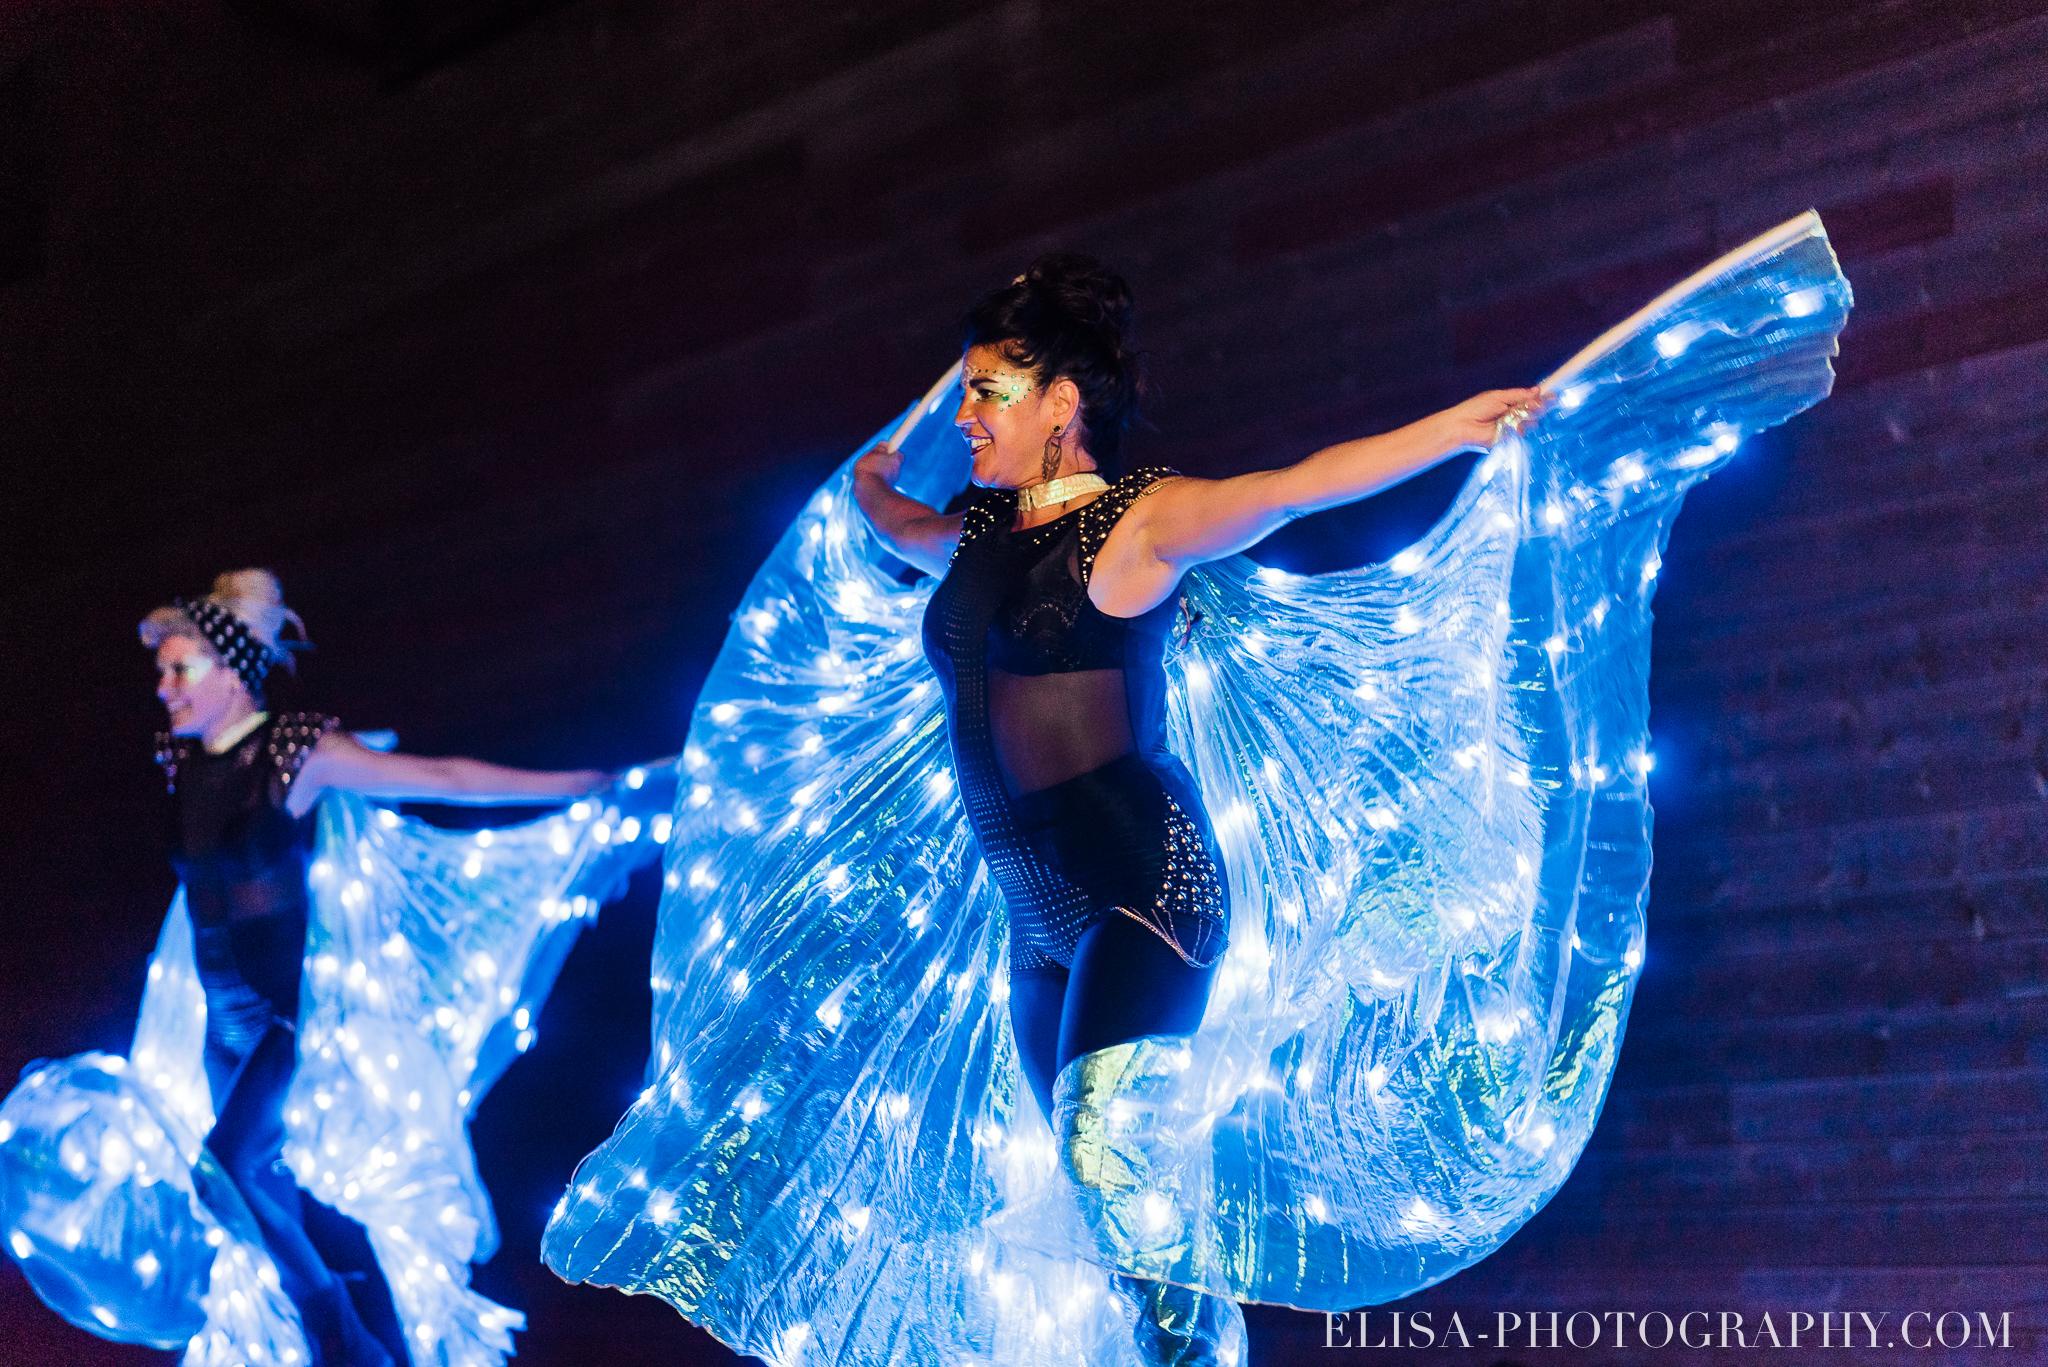 photo mariage quebec baie beauport reception fete danse des maries jeux soulier 9040 - Mariage à la plage de la baie de Beauport